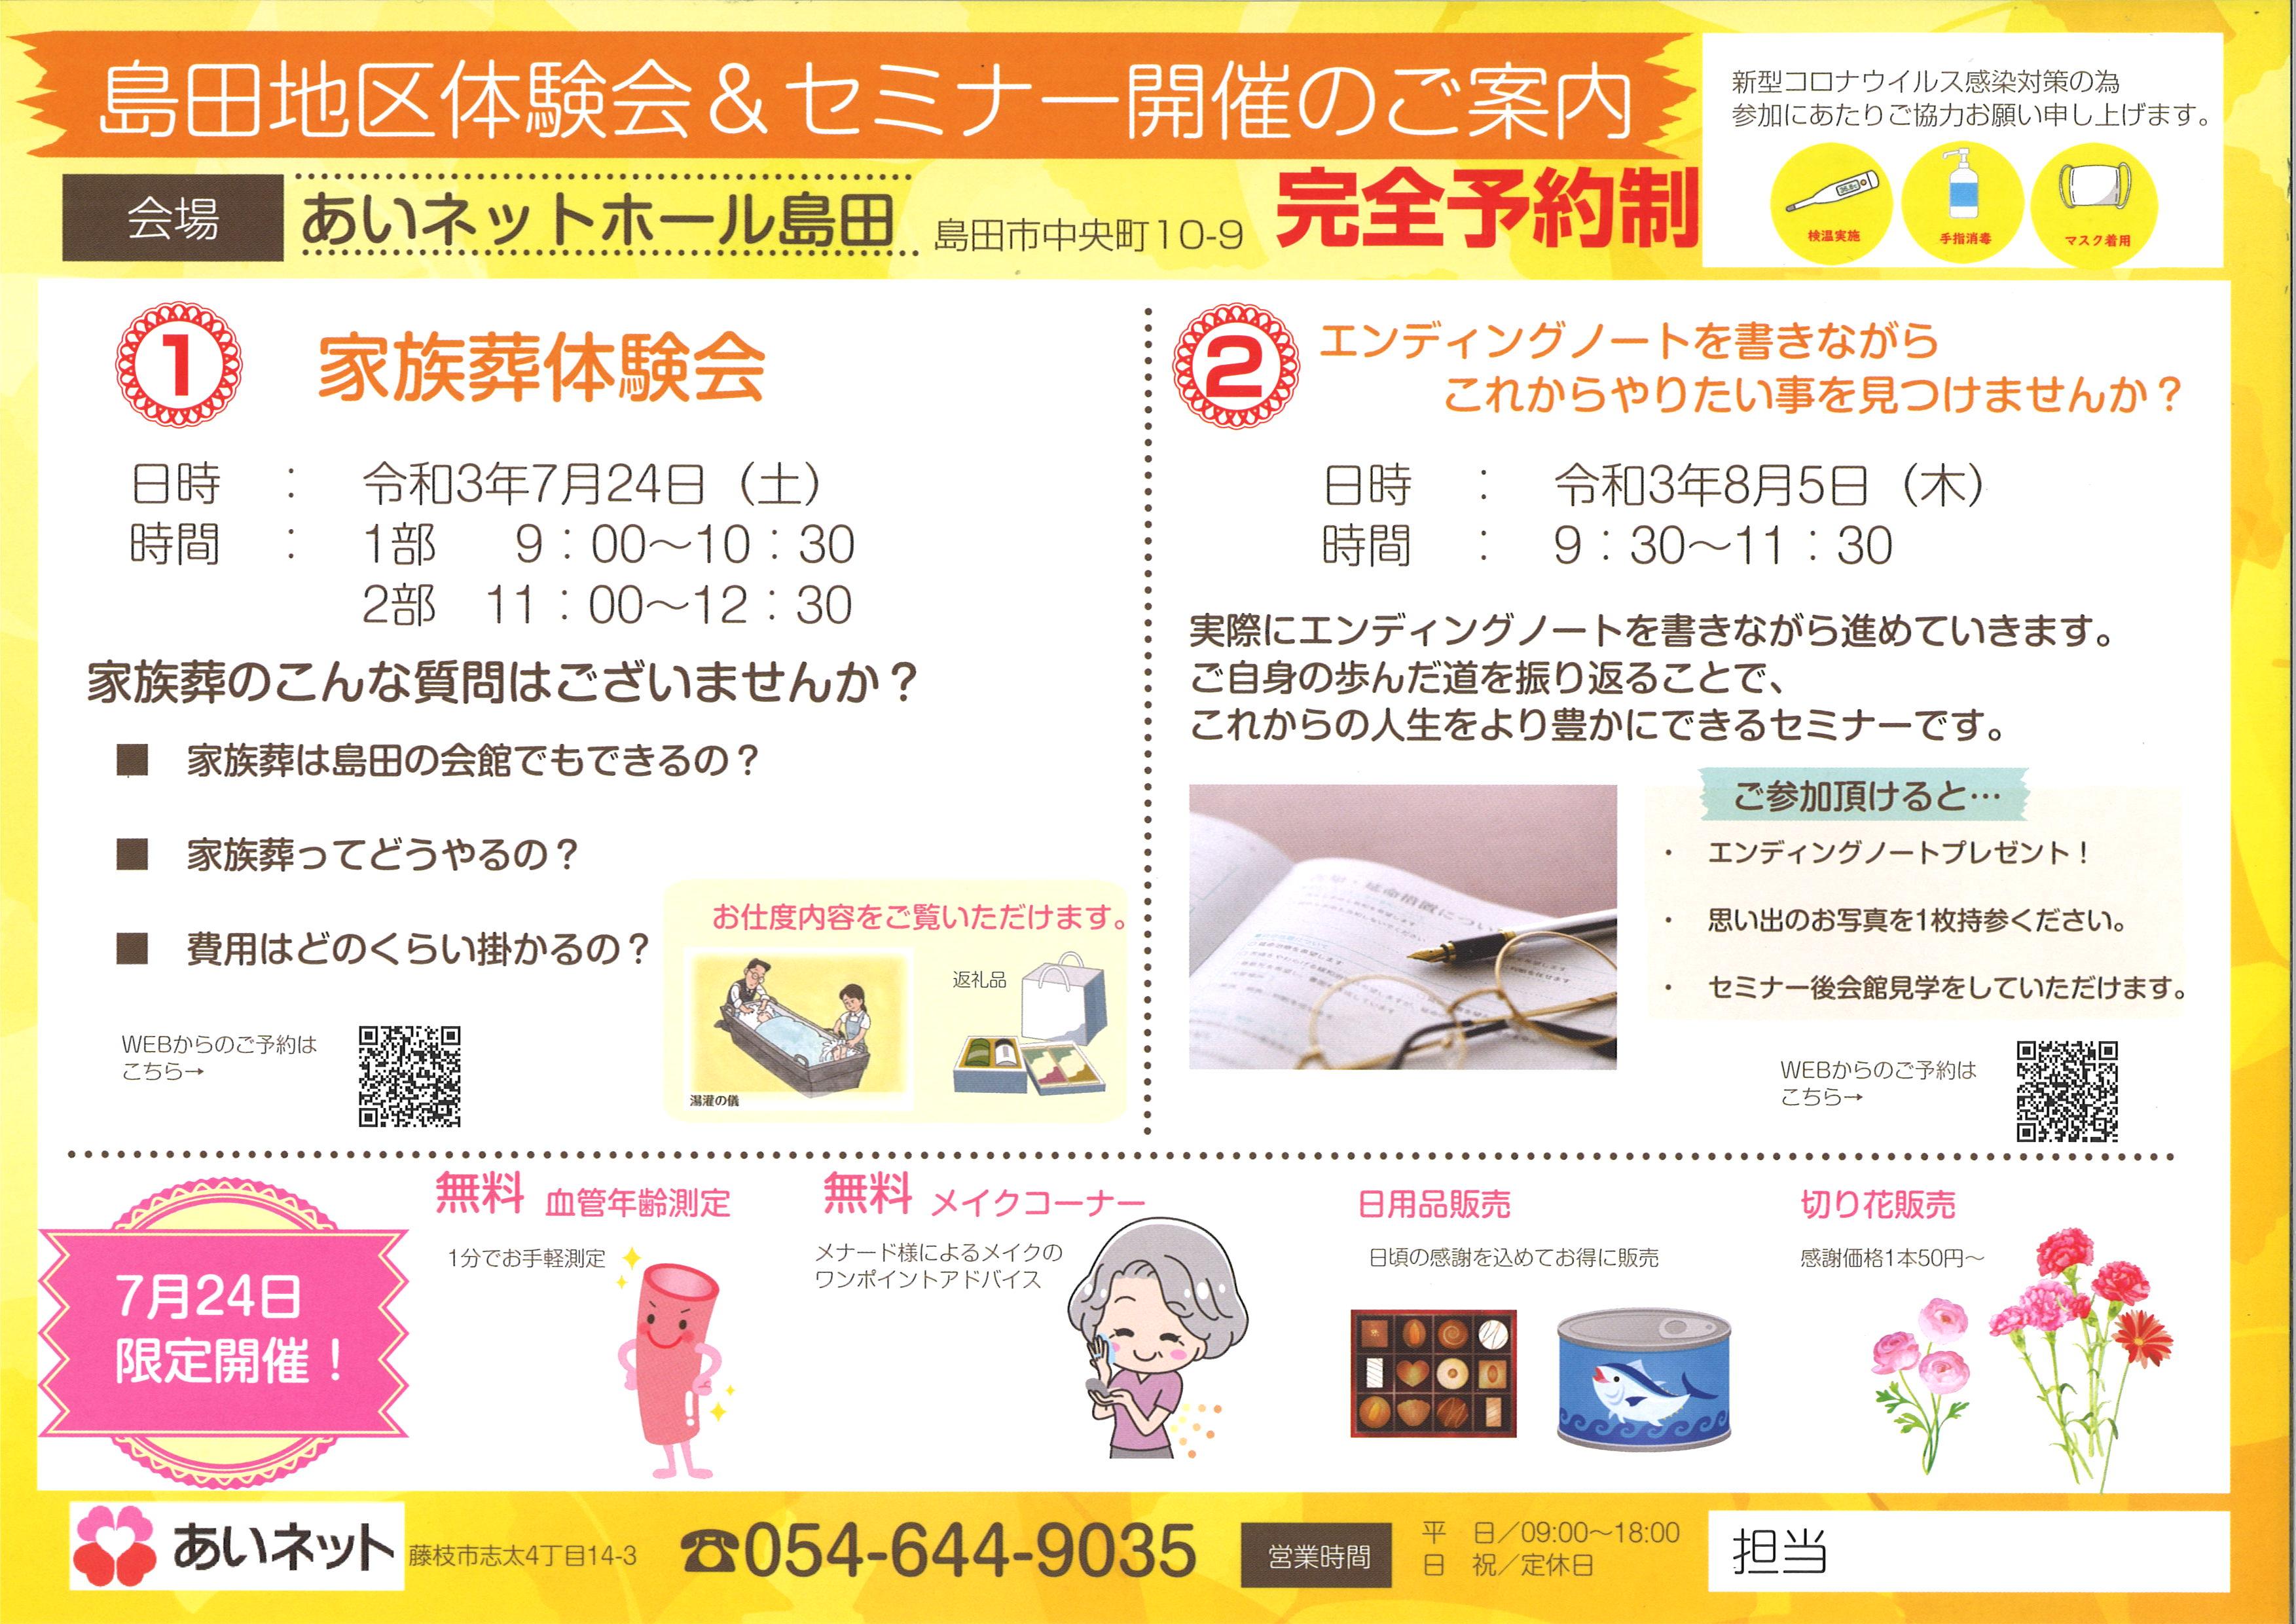 8月5日(木)エンディングノートを書きながらこれからやりたい事を見つけませんか?inあいネットホール島田